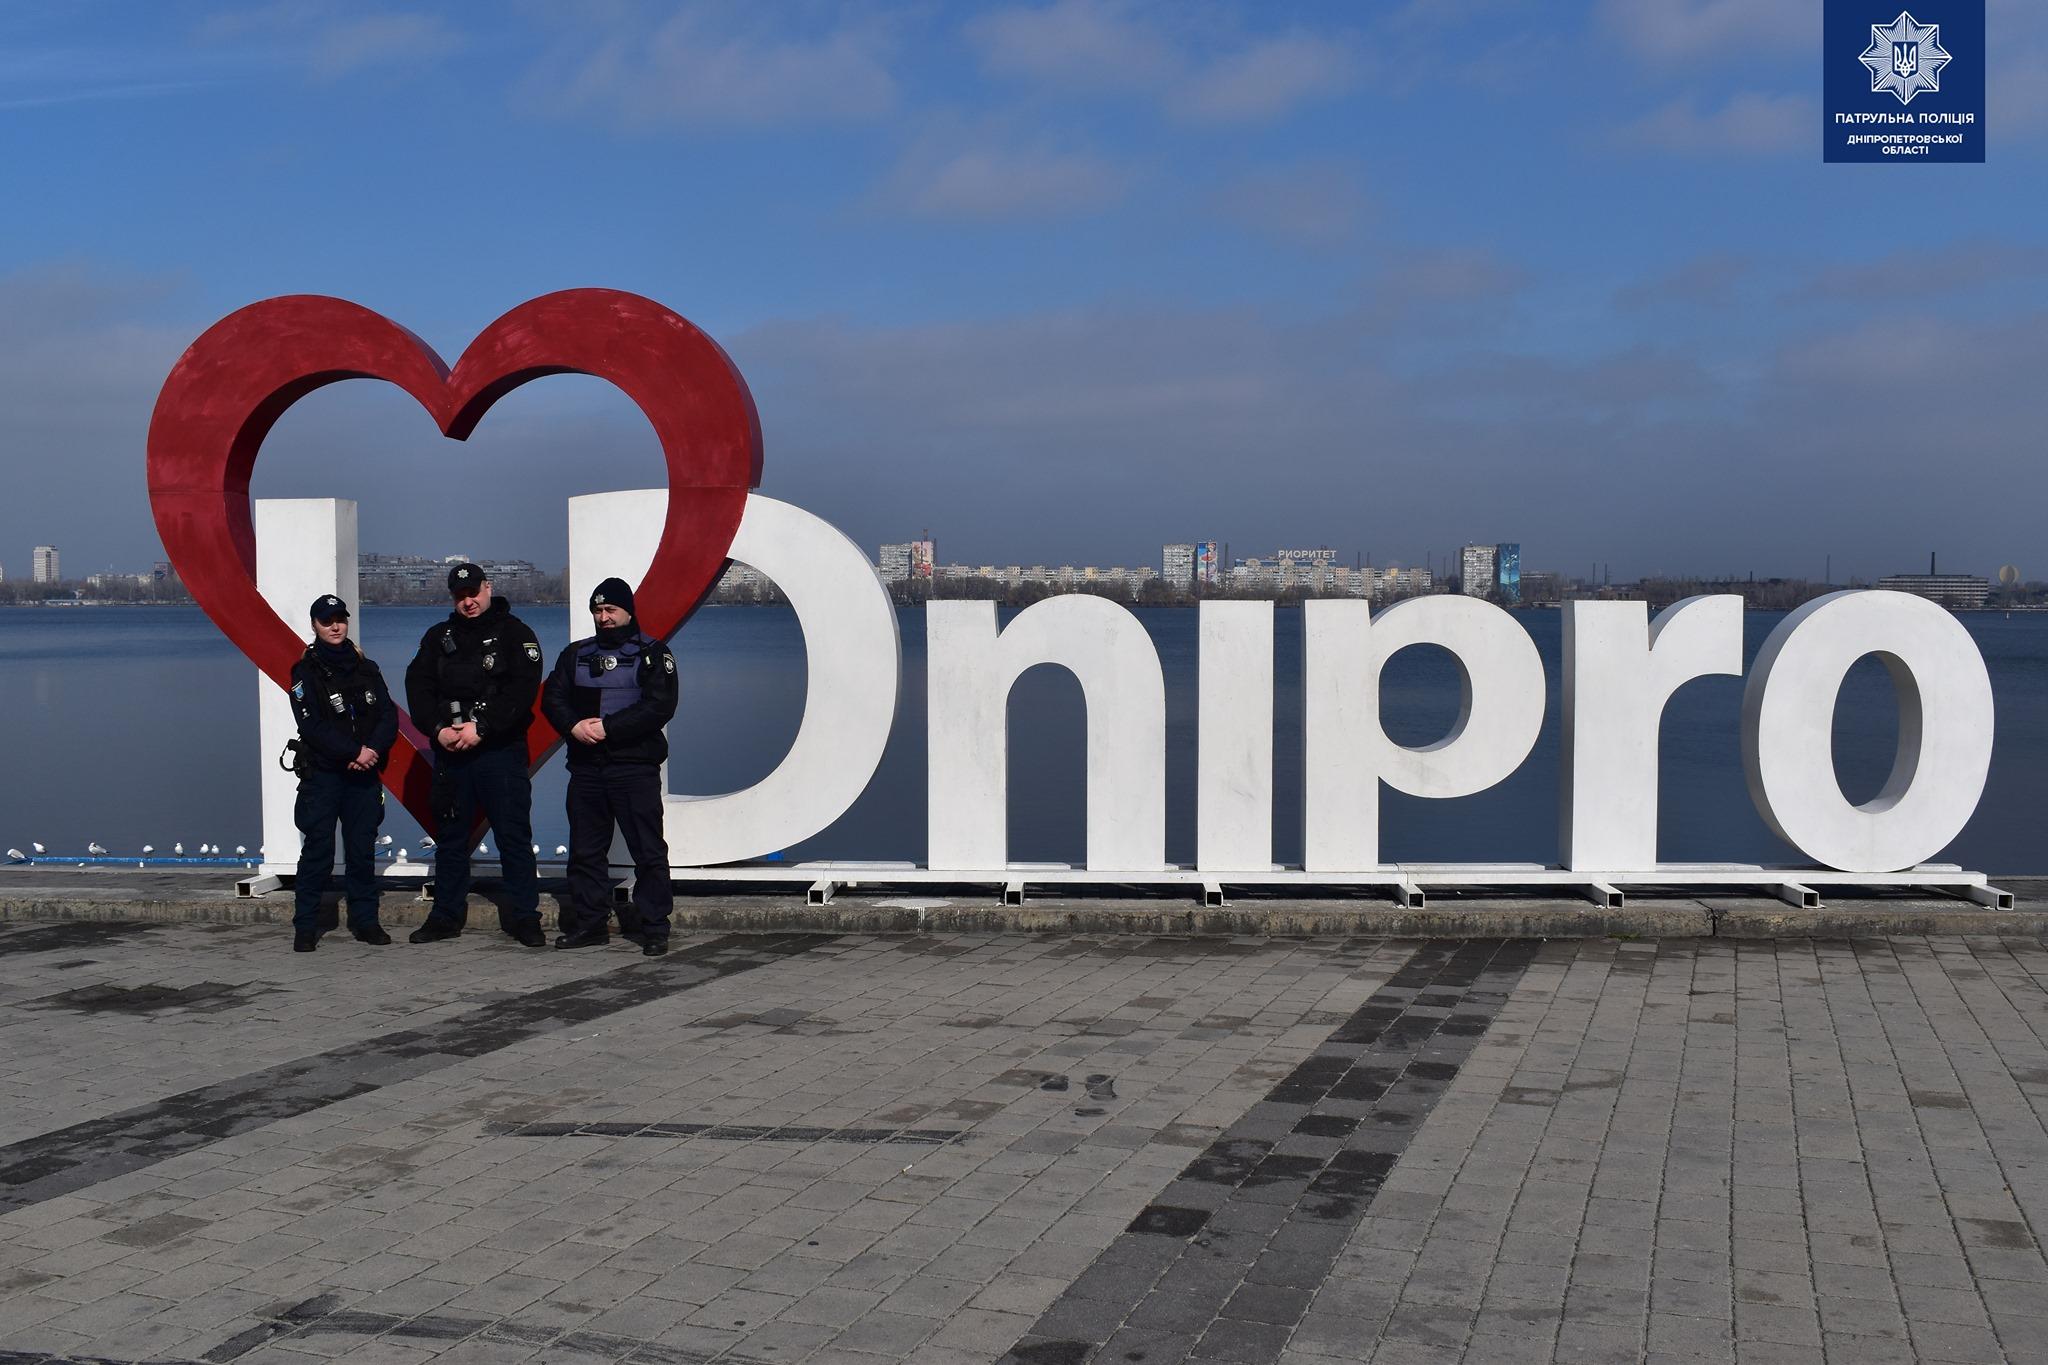 Патрульные обратились к жителям Днепра и области: подробности. Новости Днепра